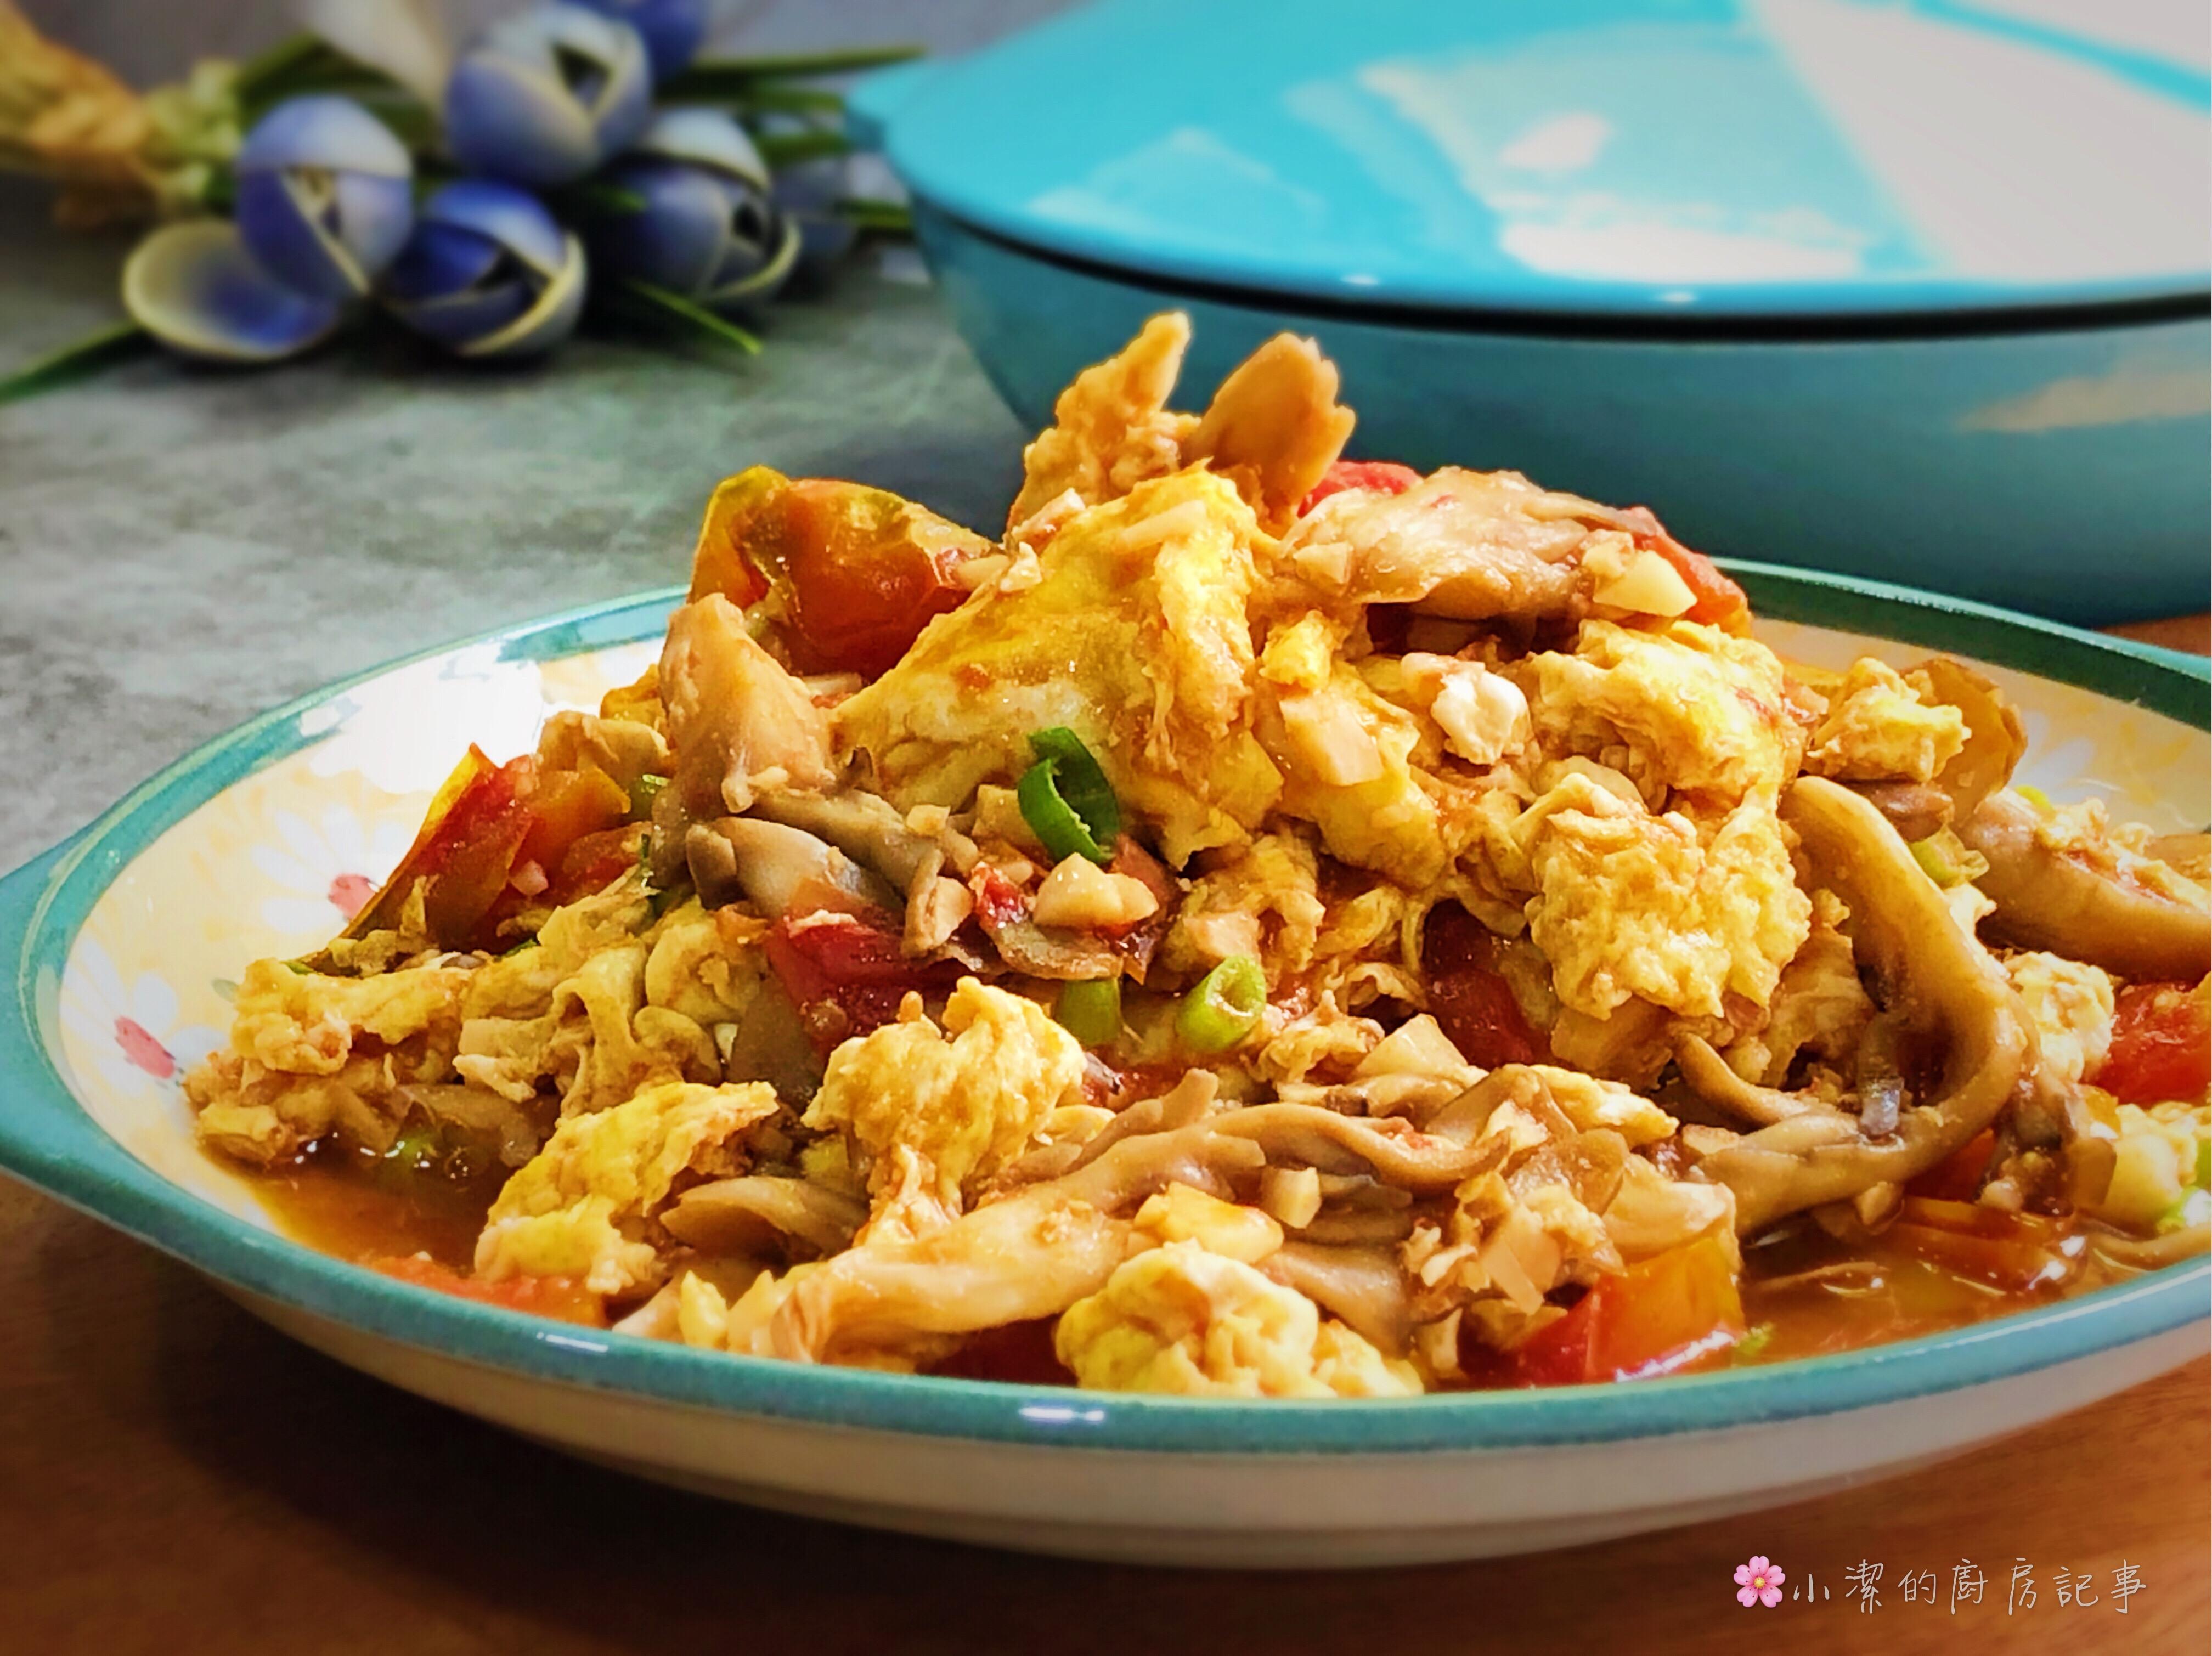 舞菇番茄炒蛋 - 好菇道營養料理